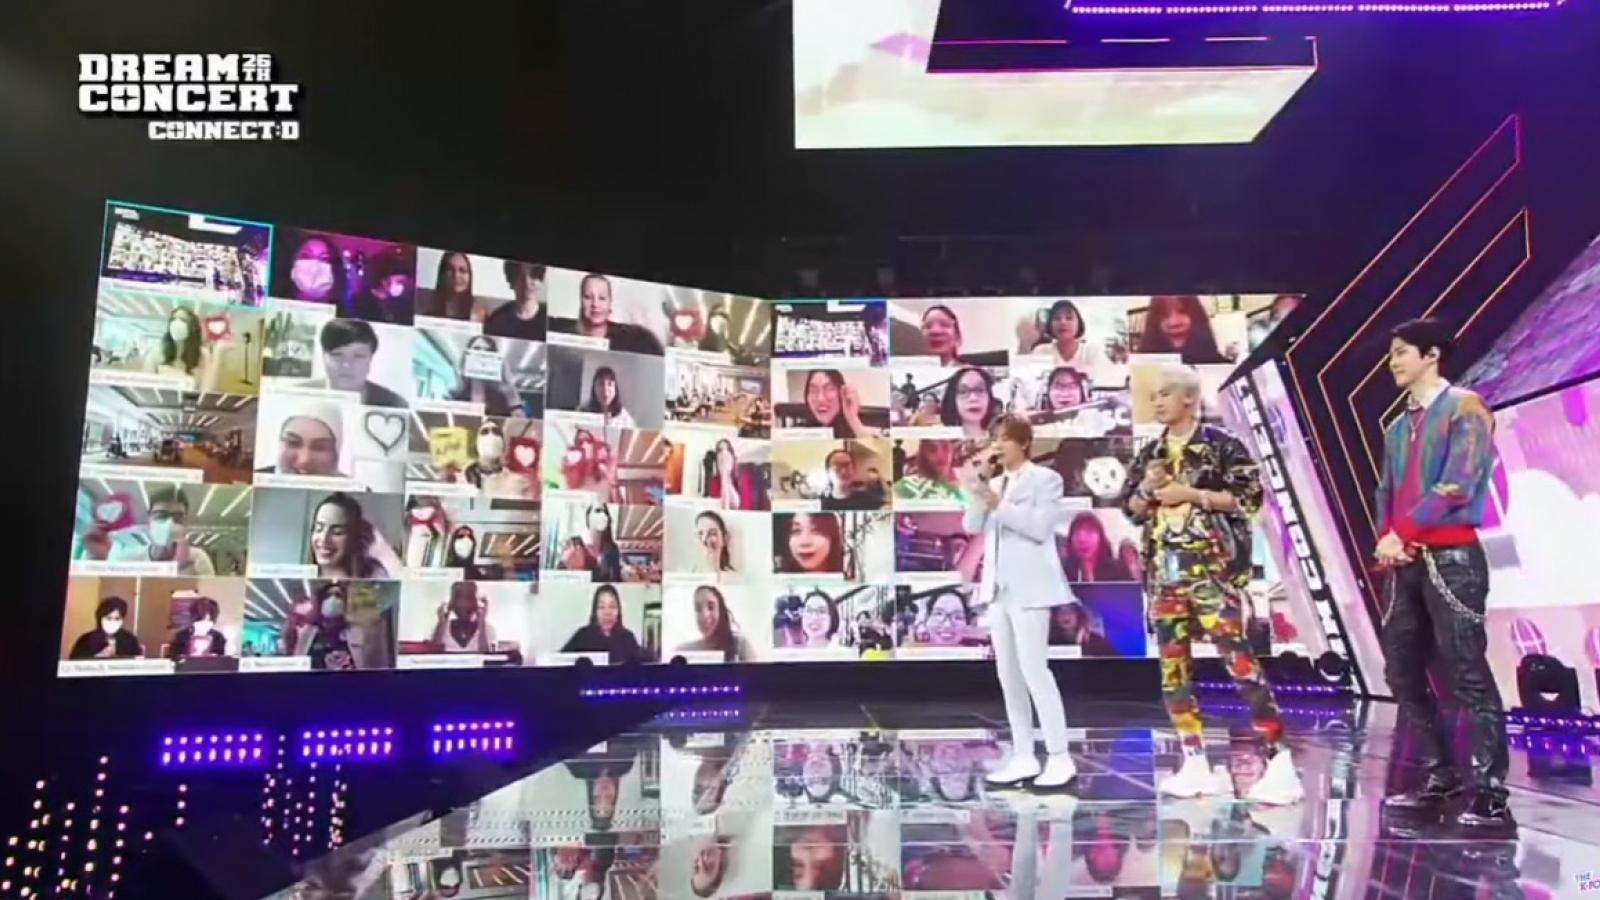 Fan K-pop Việt đeo khẩu trang, hò hét cổ vũ Dream Concert trực tuyến